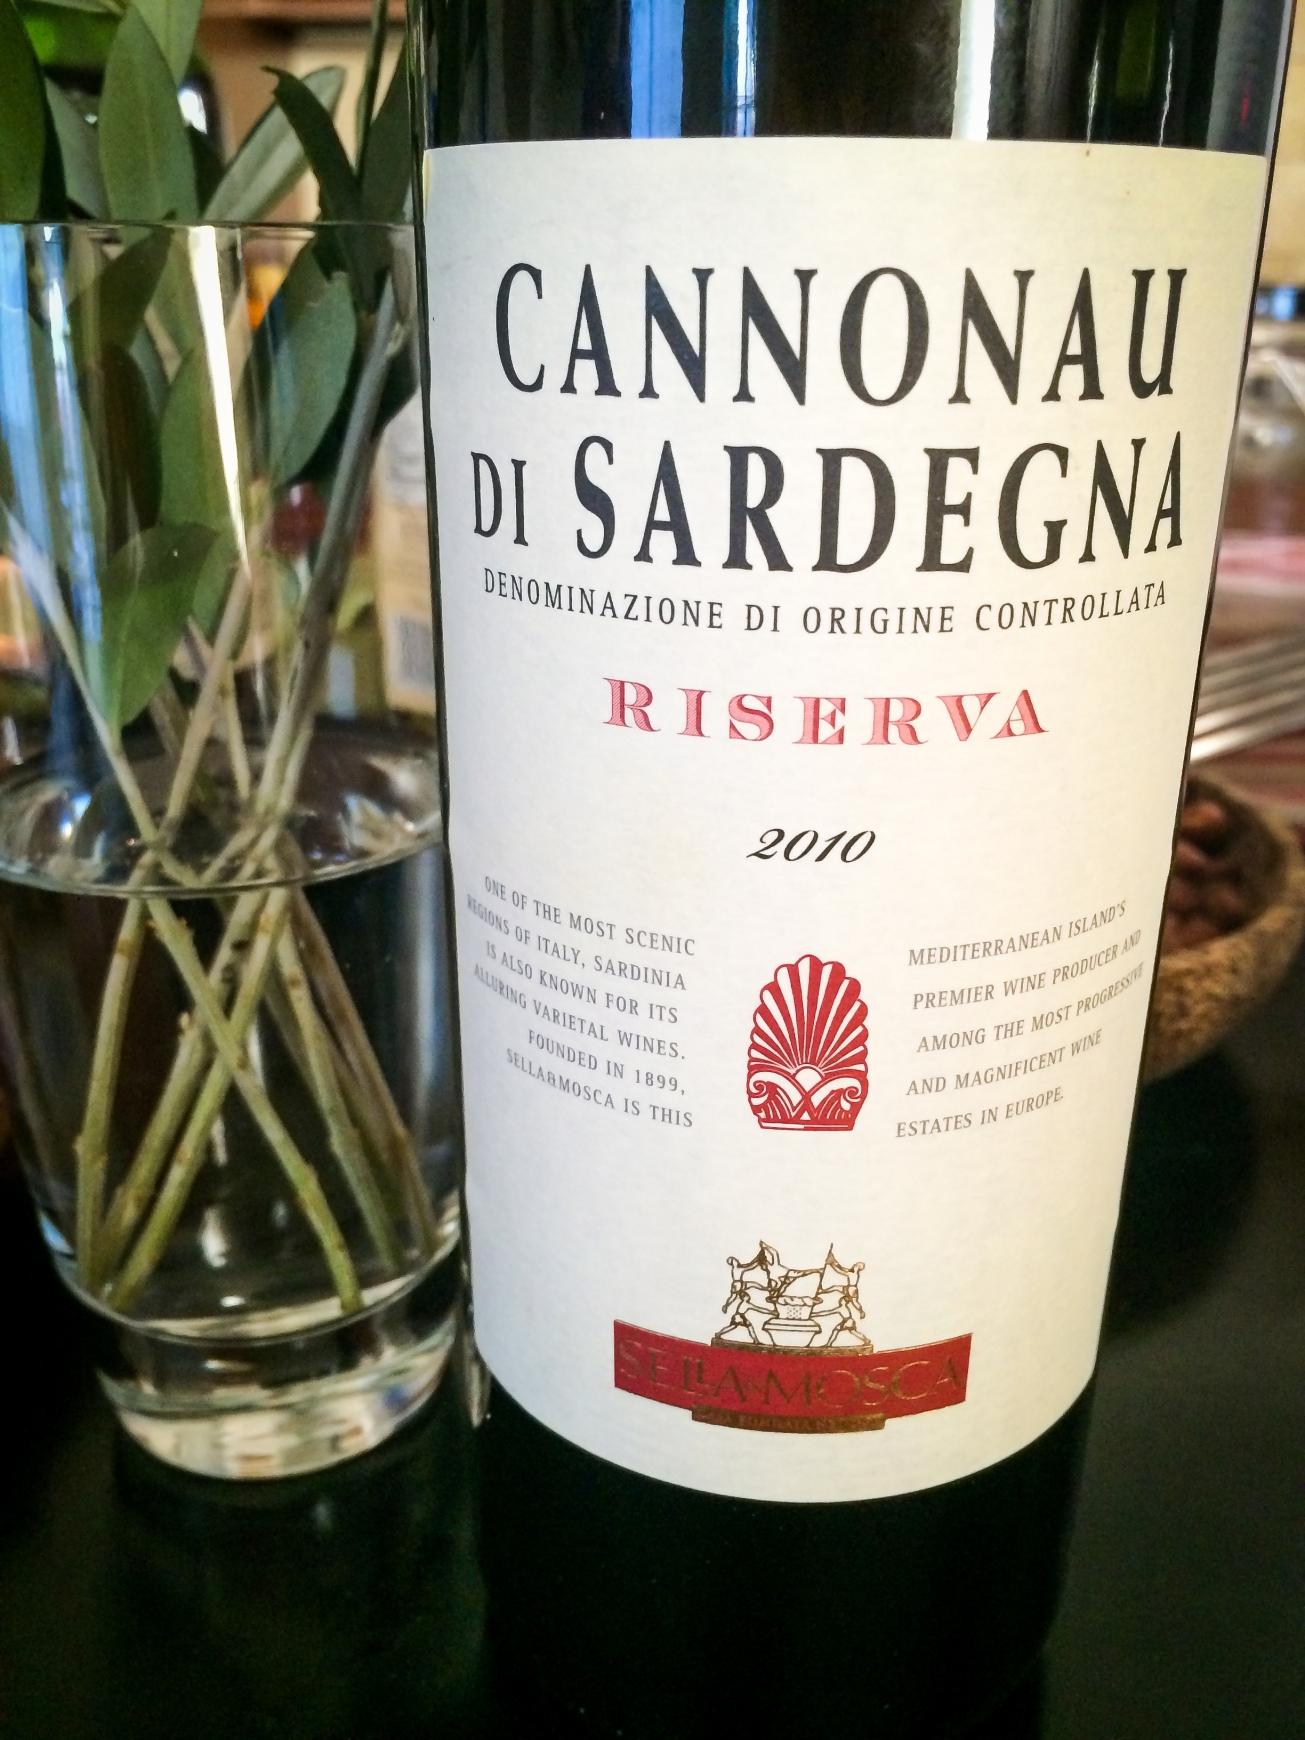 2010 Sella & Mosca Cannonau di Sardegna Riserva